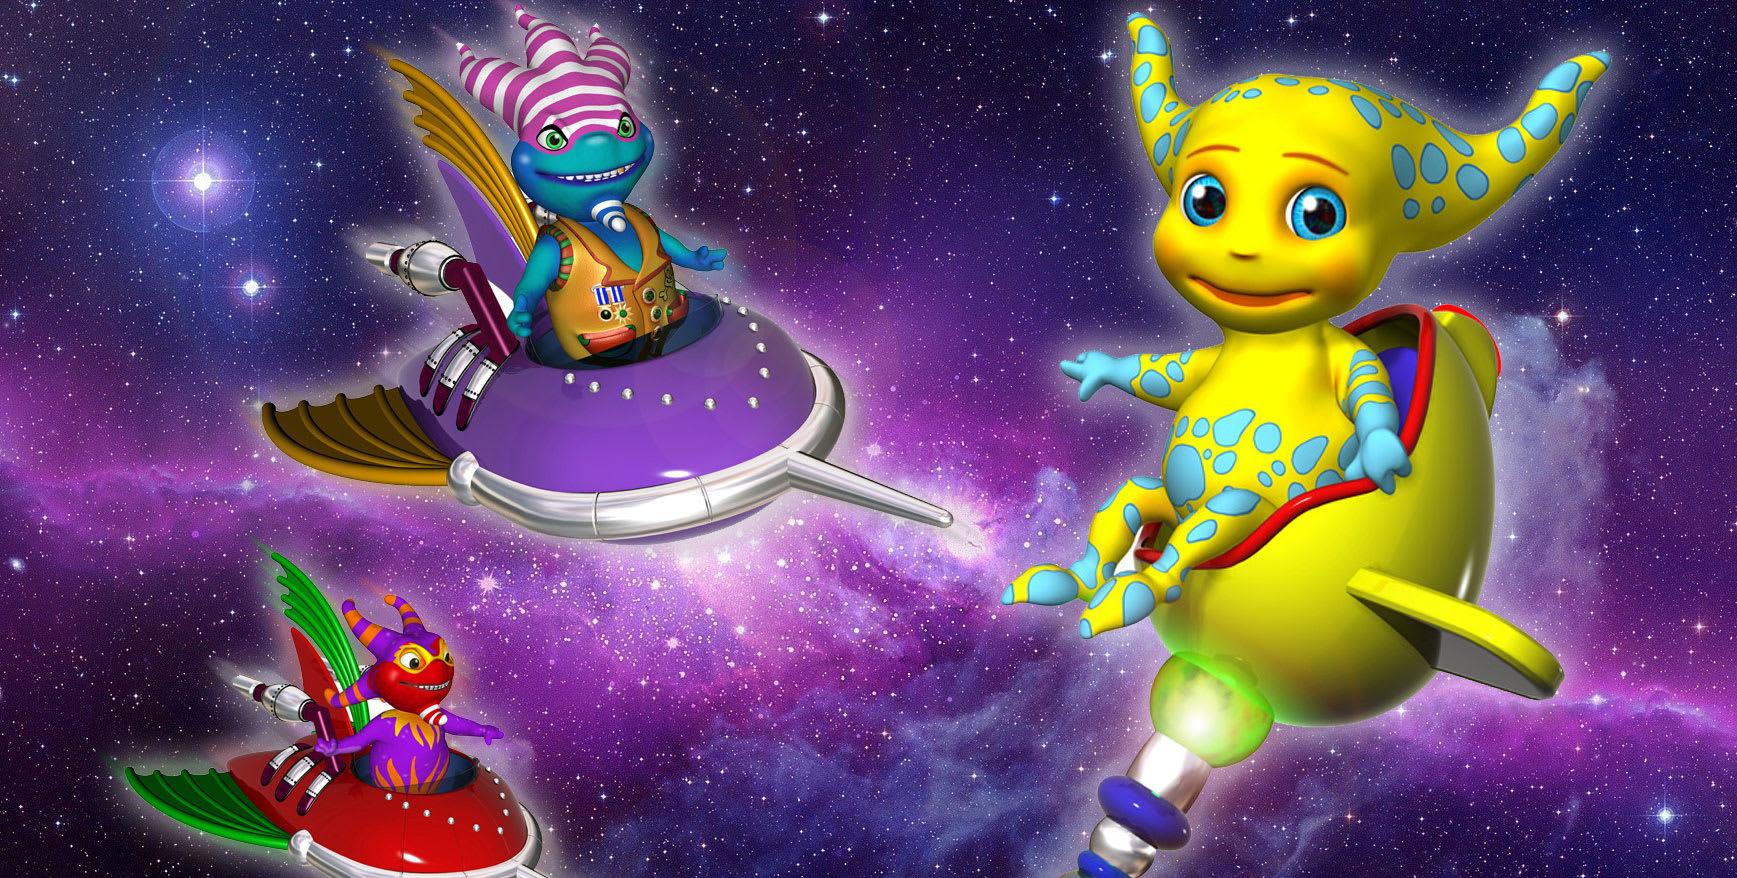 CGI Characters